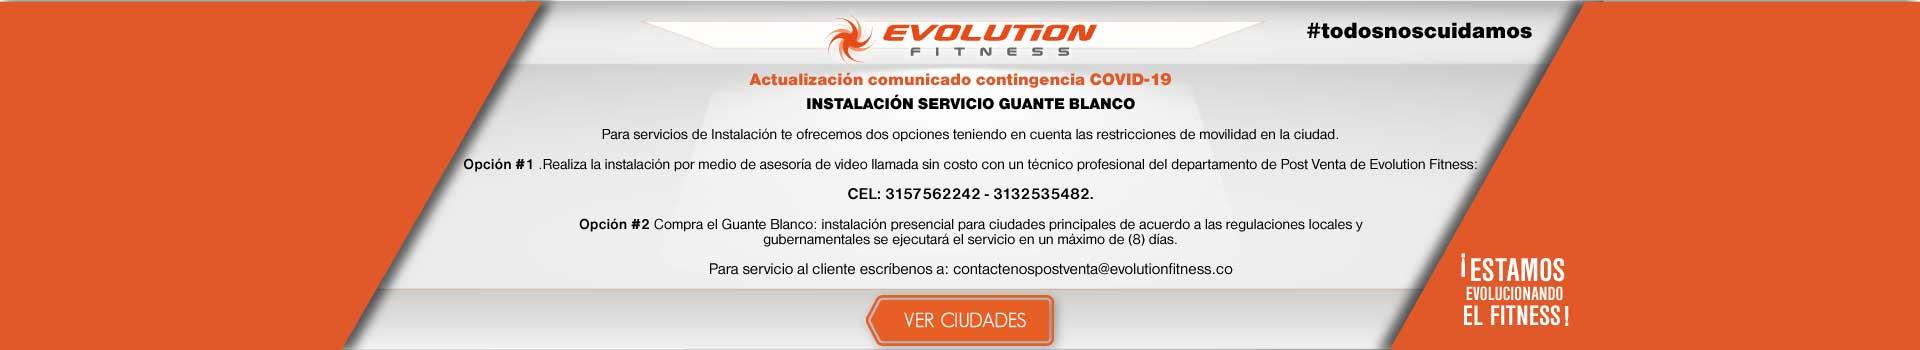 AK-KT-BCAT1-EVOLUTION-COMUNICADO-4JULIO2020